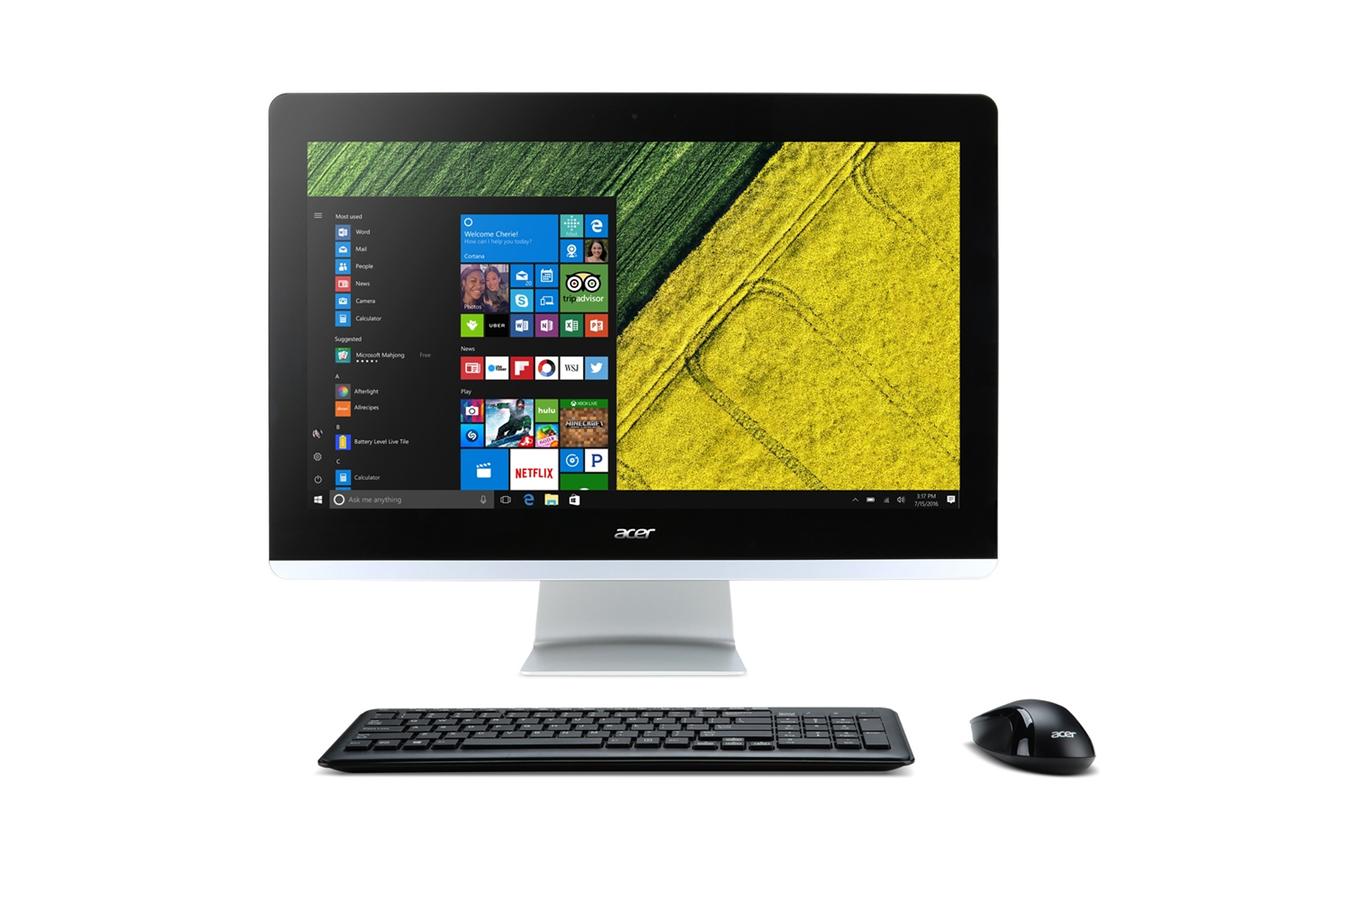 Acer aspire z22 780 001 ordinateur de bureau - Acer ordinateur de bureau ...